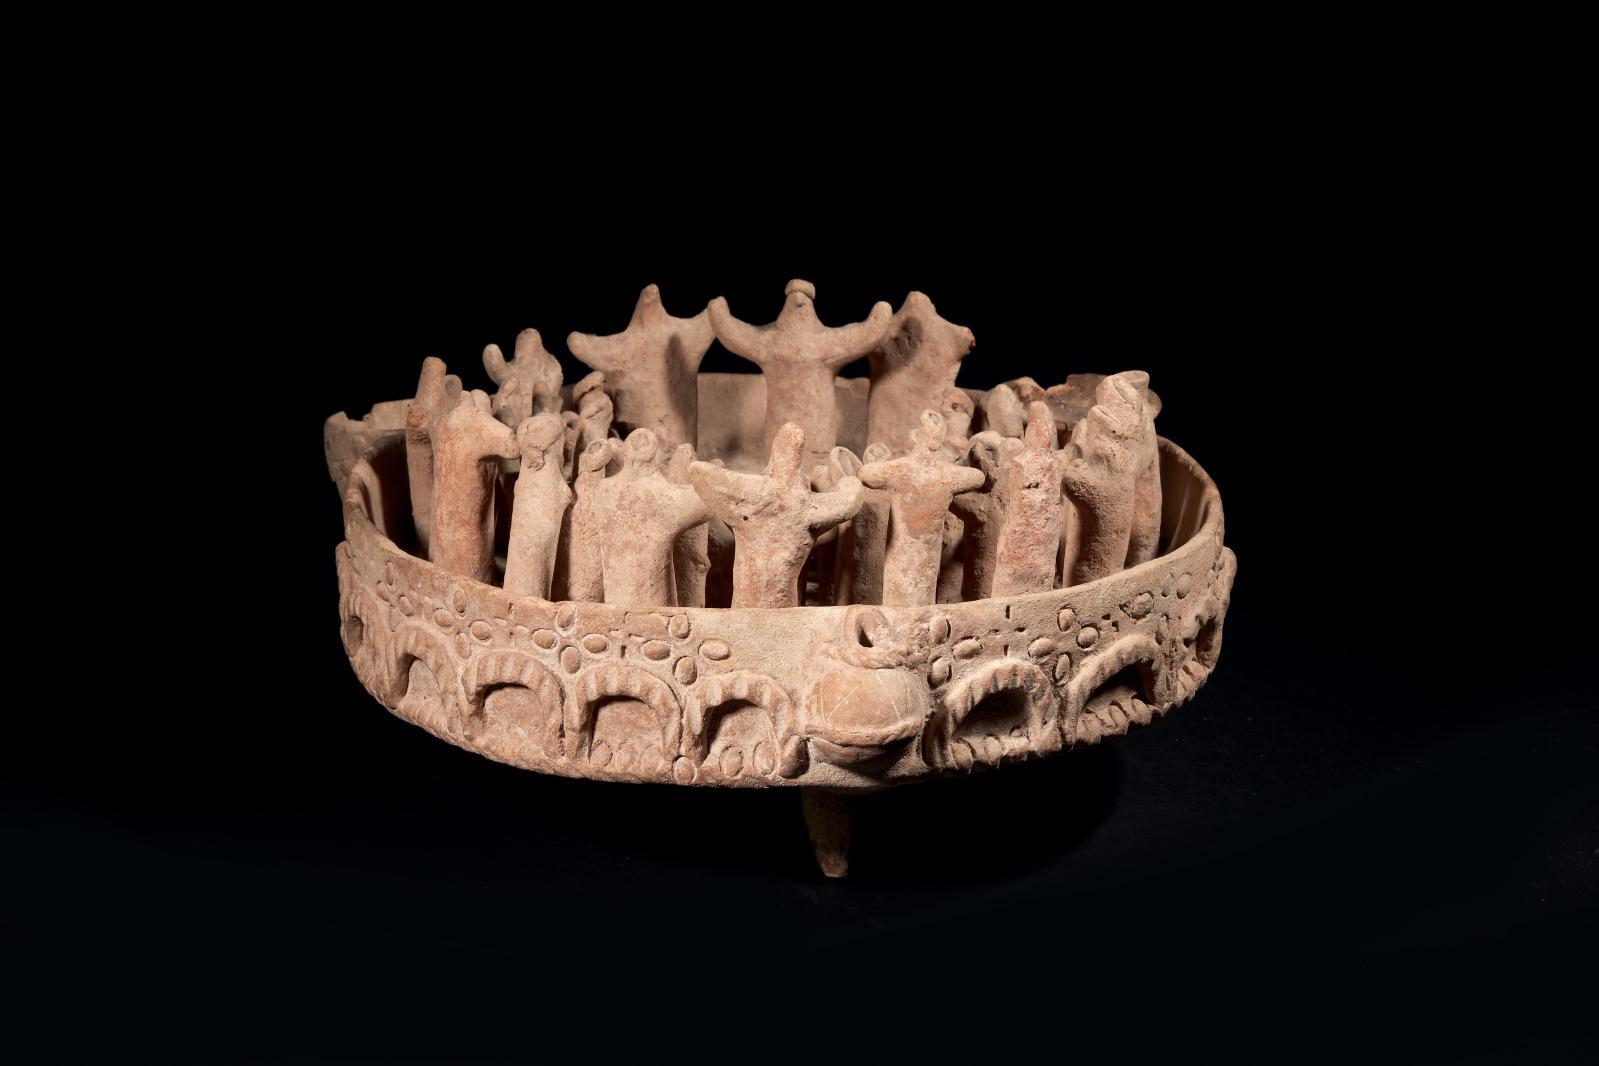 Perse, Ier millénaire av. J.-C. Scène de culte, groupe modelé en terre cuite agencé dans un bassin circulaire, h.20cm, diam.40cm.Estimation: 260